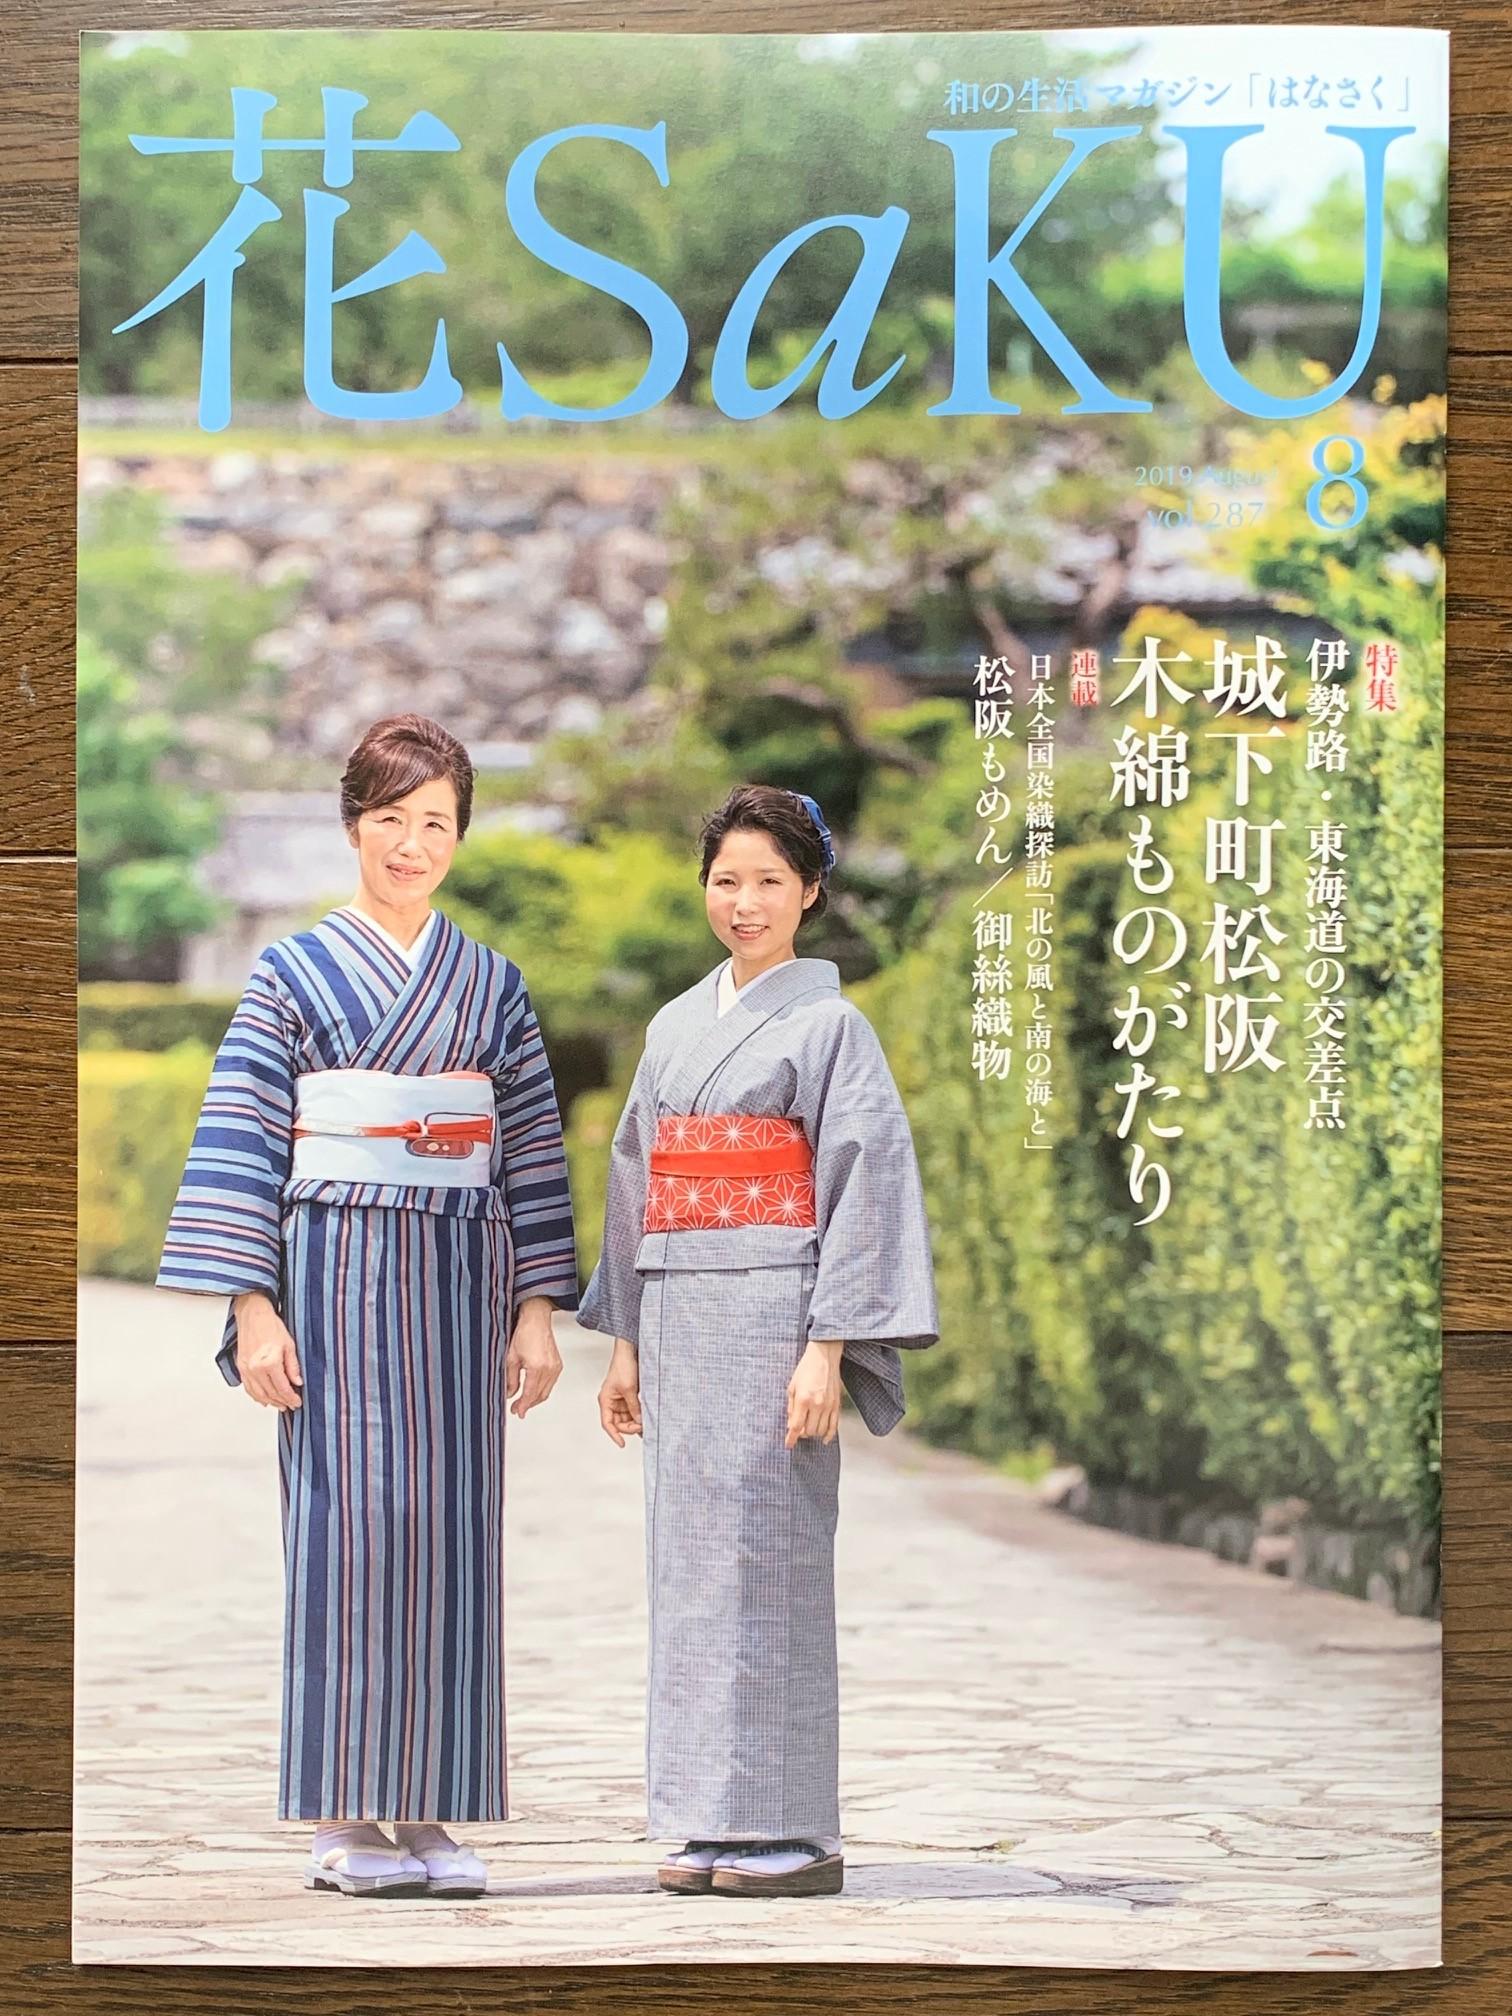 和の生活マガジン『花saku』8月号 松阪もめん特集。 いよいよ、明日発売です!